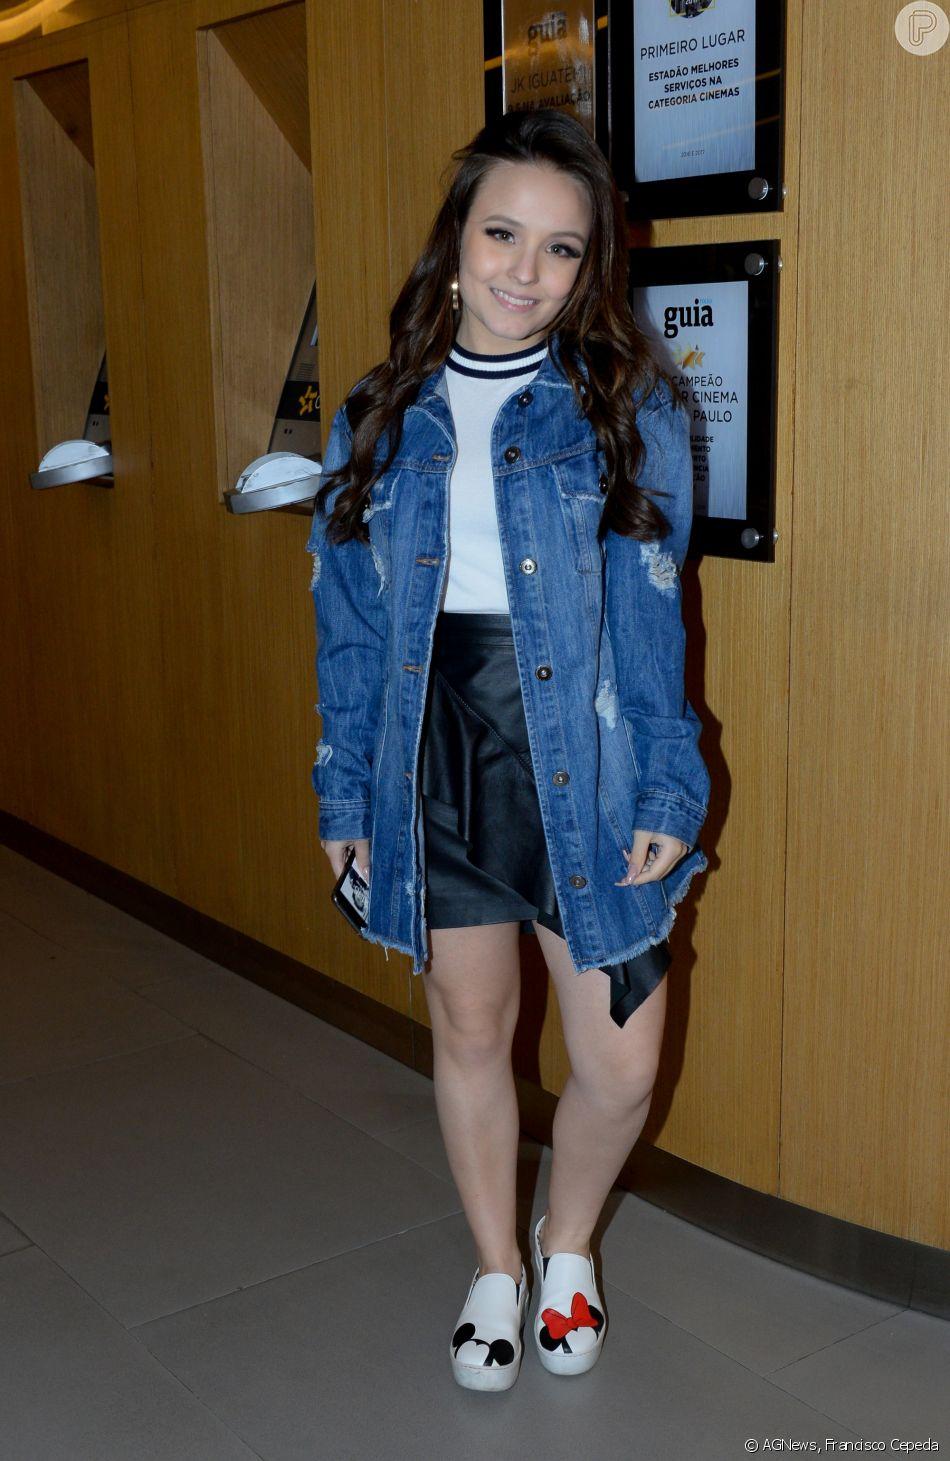 18d456dba4c82 Larissa Manoela escolheu look moderno com jaqueta jeans oversized para  cinema com o namorado